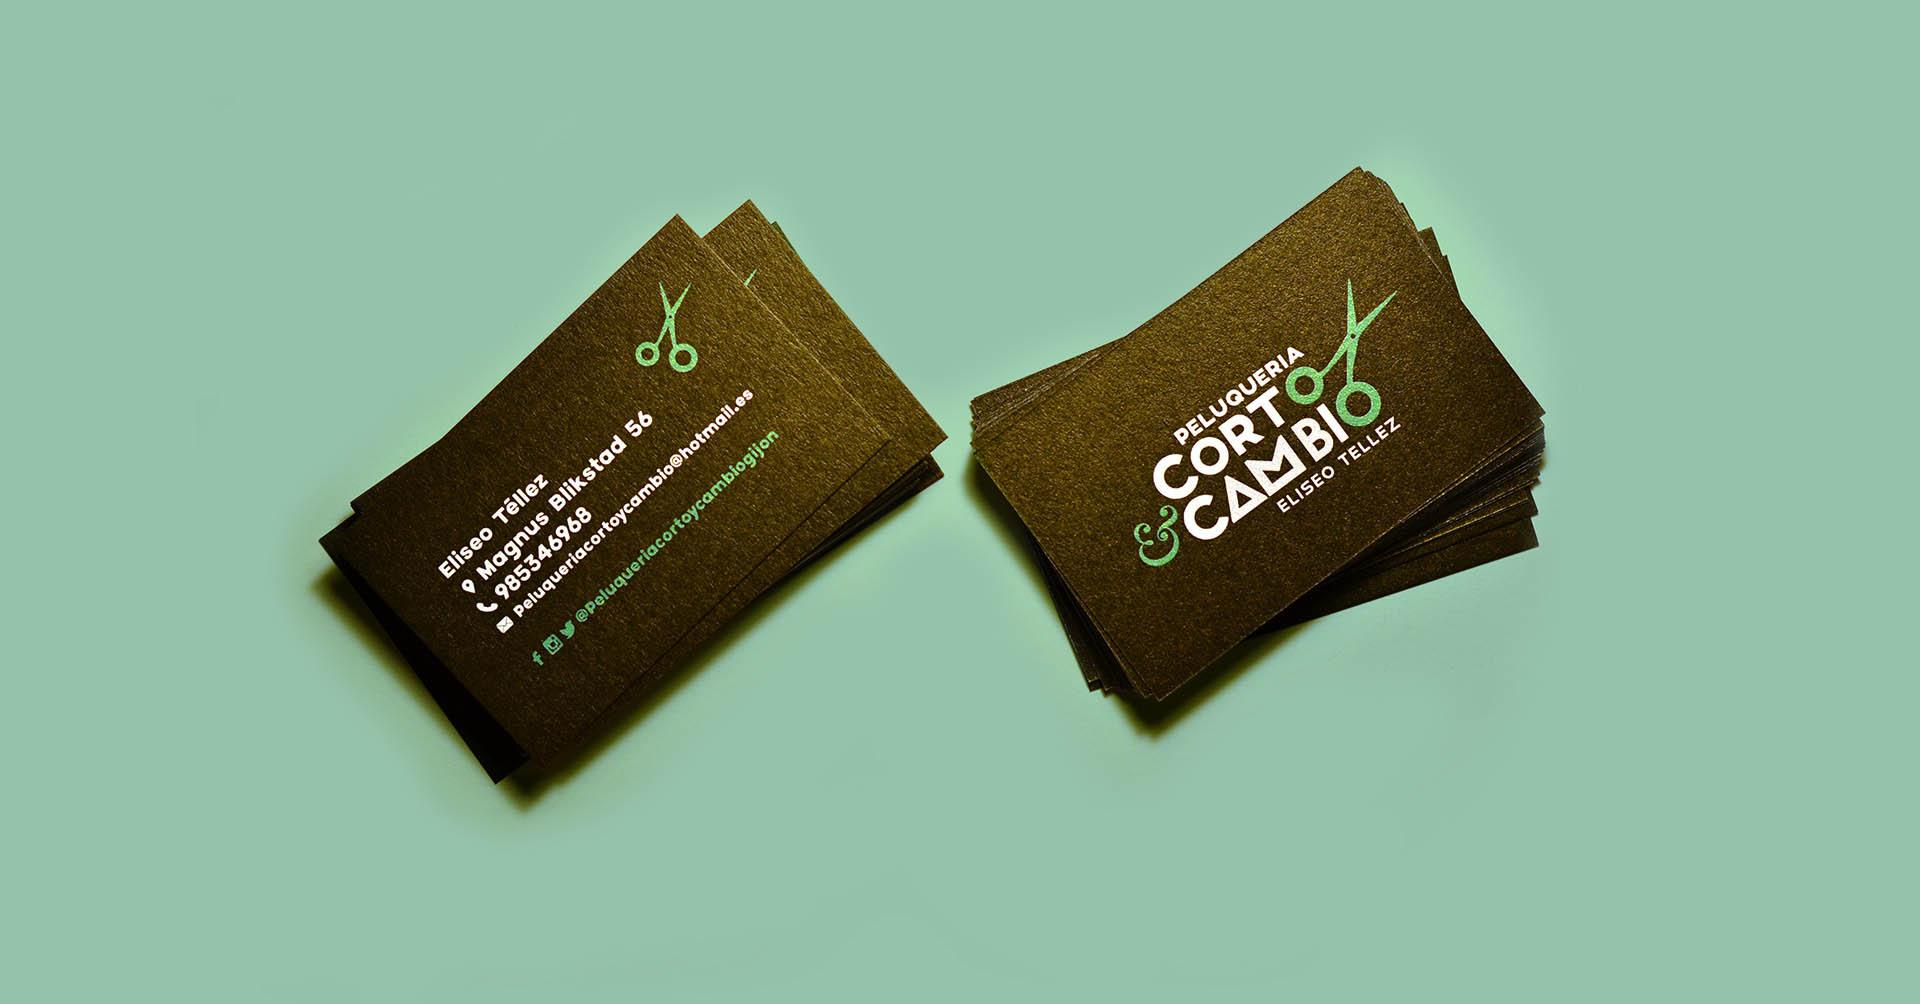 Bussines cards - tarjetas de visita - Corto y cambio Gijón